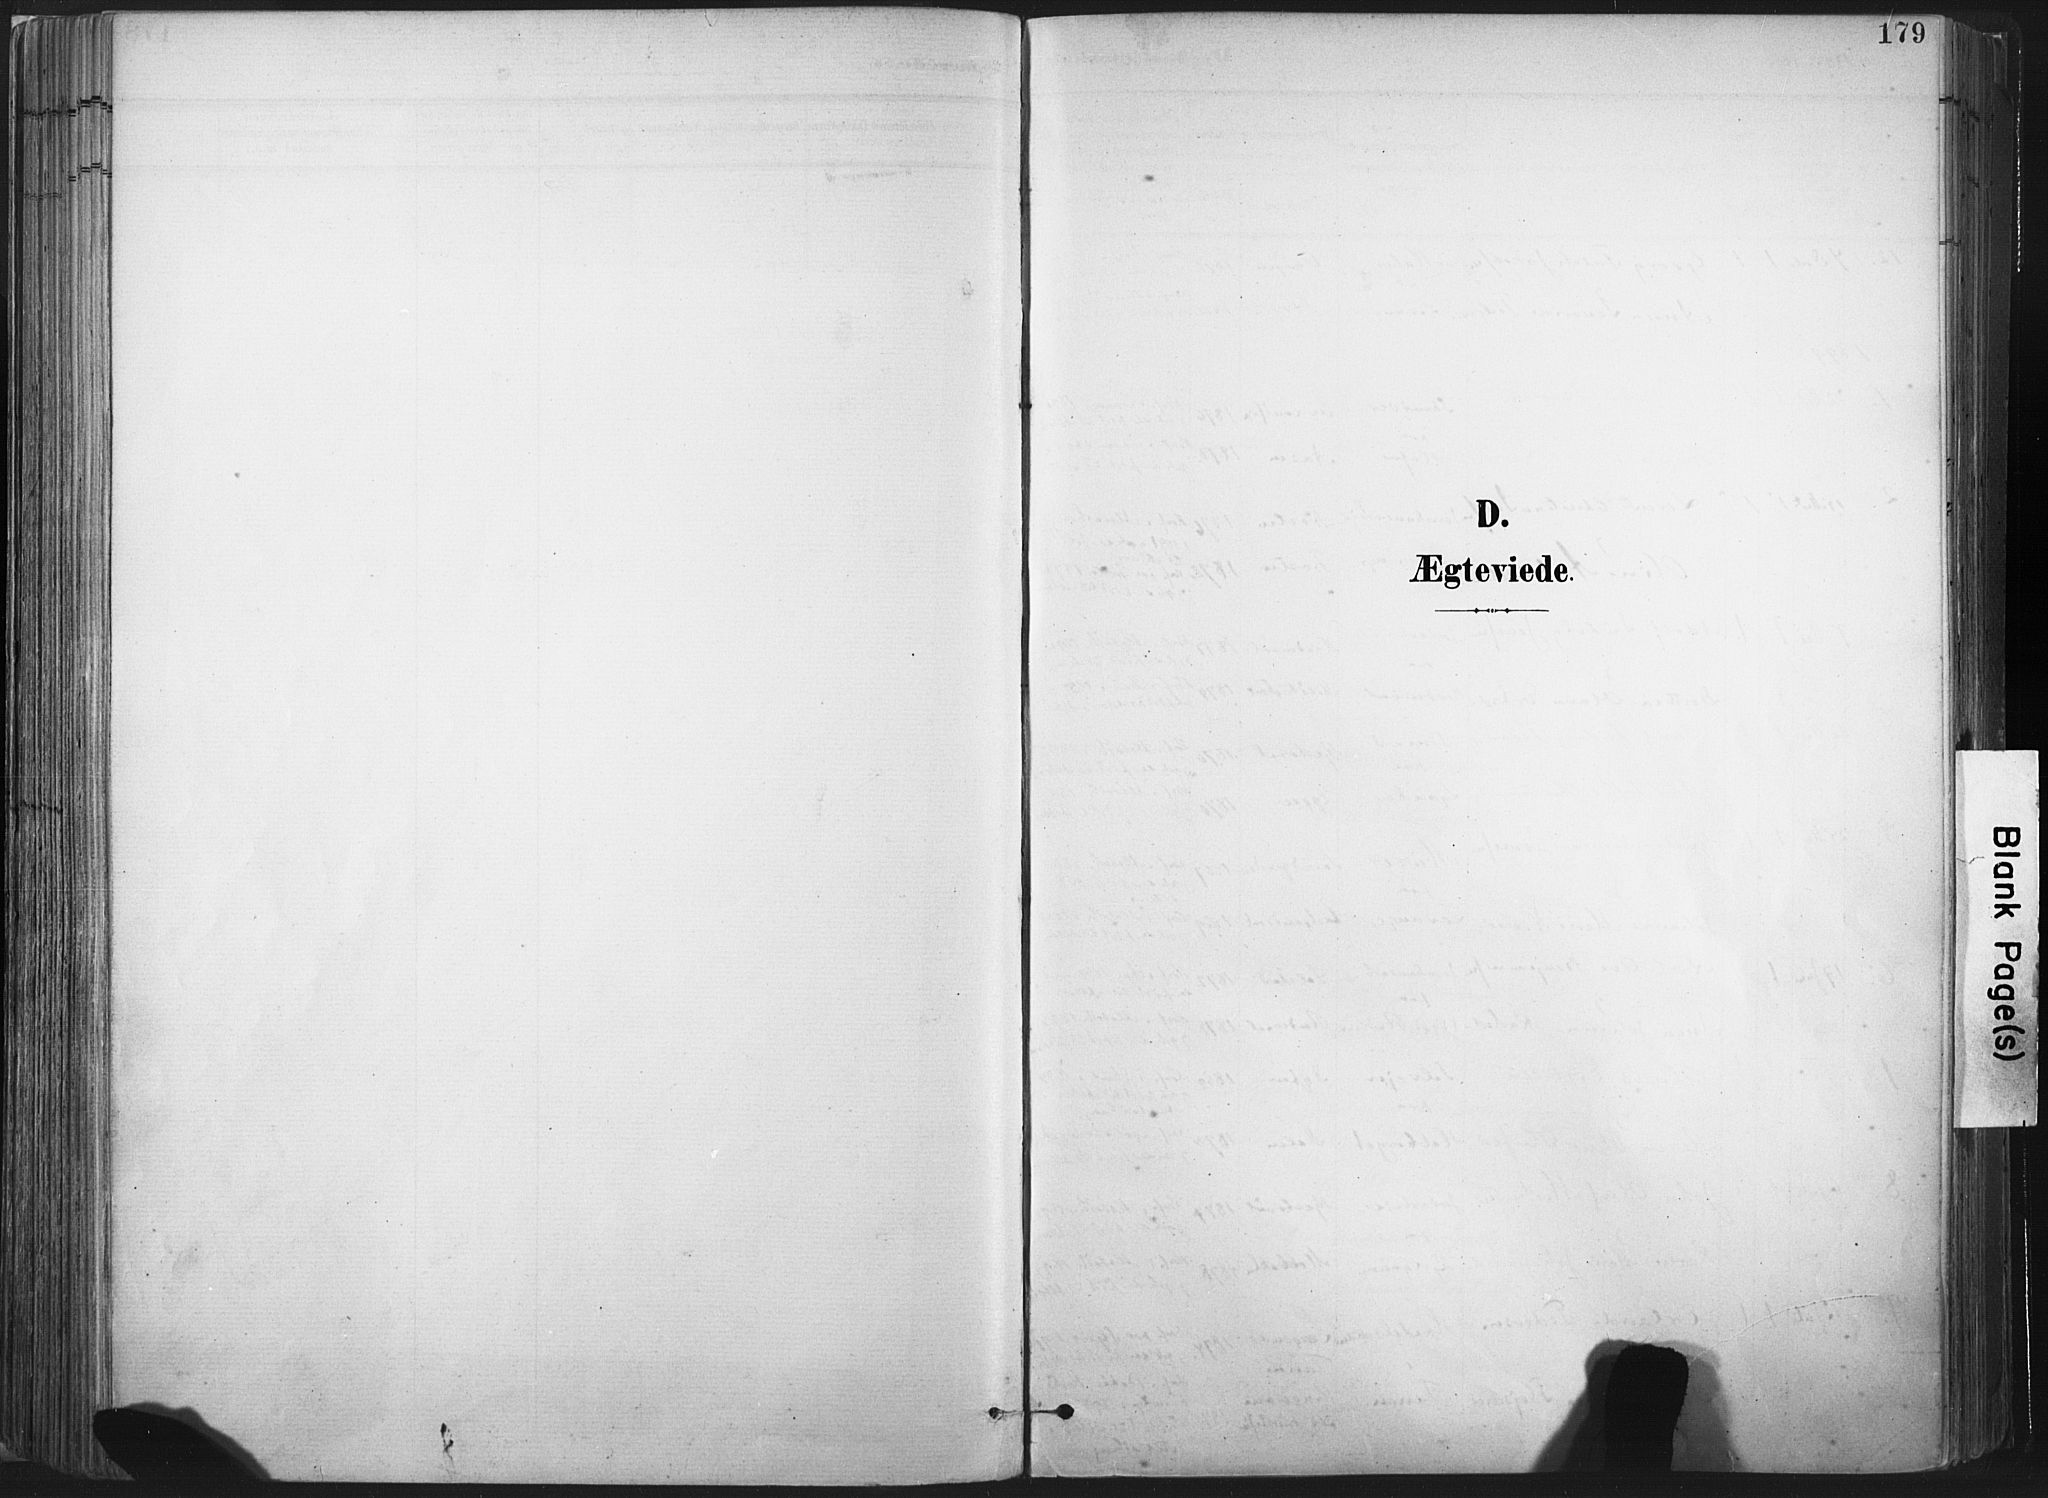 SAT, Ministerialprotokoller, klokkerbøker og fødselsregistre - Nord-Trøndelag, 717/L0162: Ministerialbok nr. 717A12, 1898-1923, s. 179